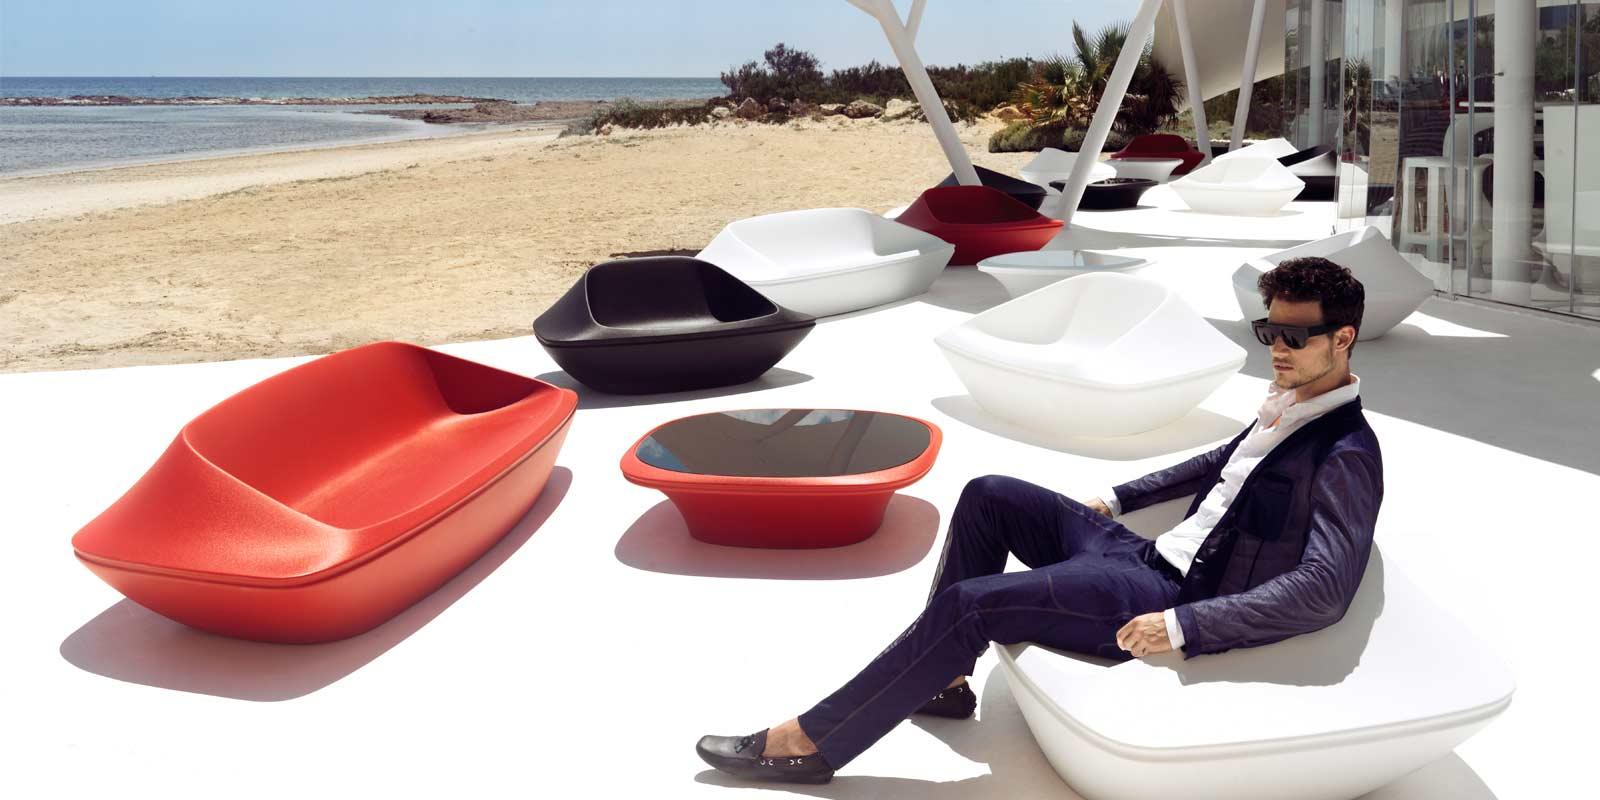 VONDOM-mueble-exterior-diseño-sofa-butaca-mesa-ufo-oraito-vondom